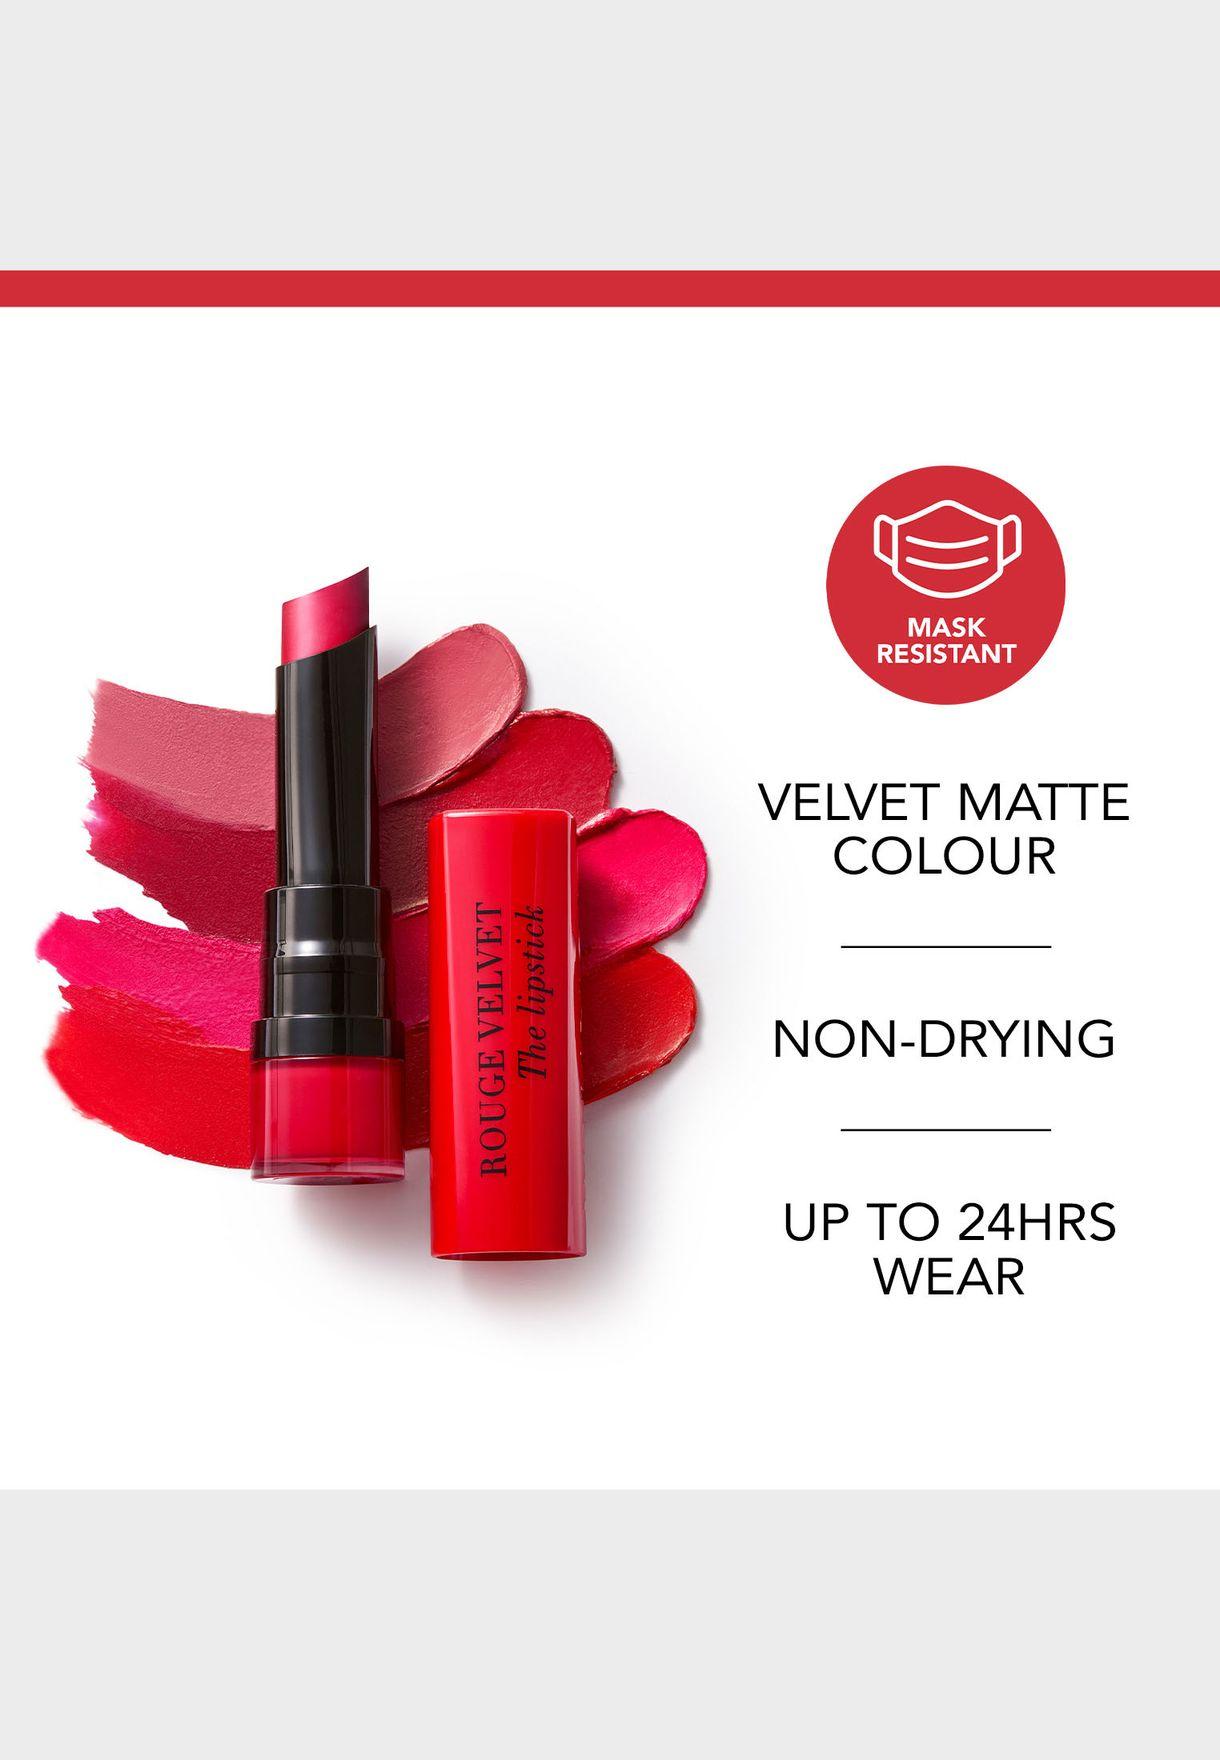 احمر شفاه روج فيلفيت - 11 بيري فورميدابل